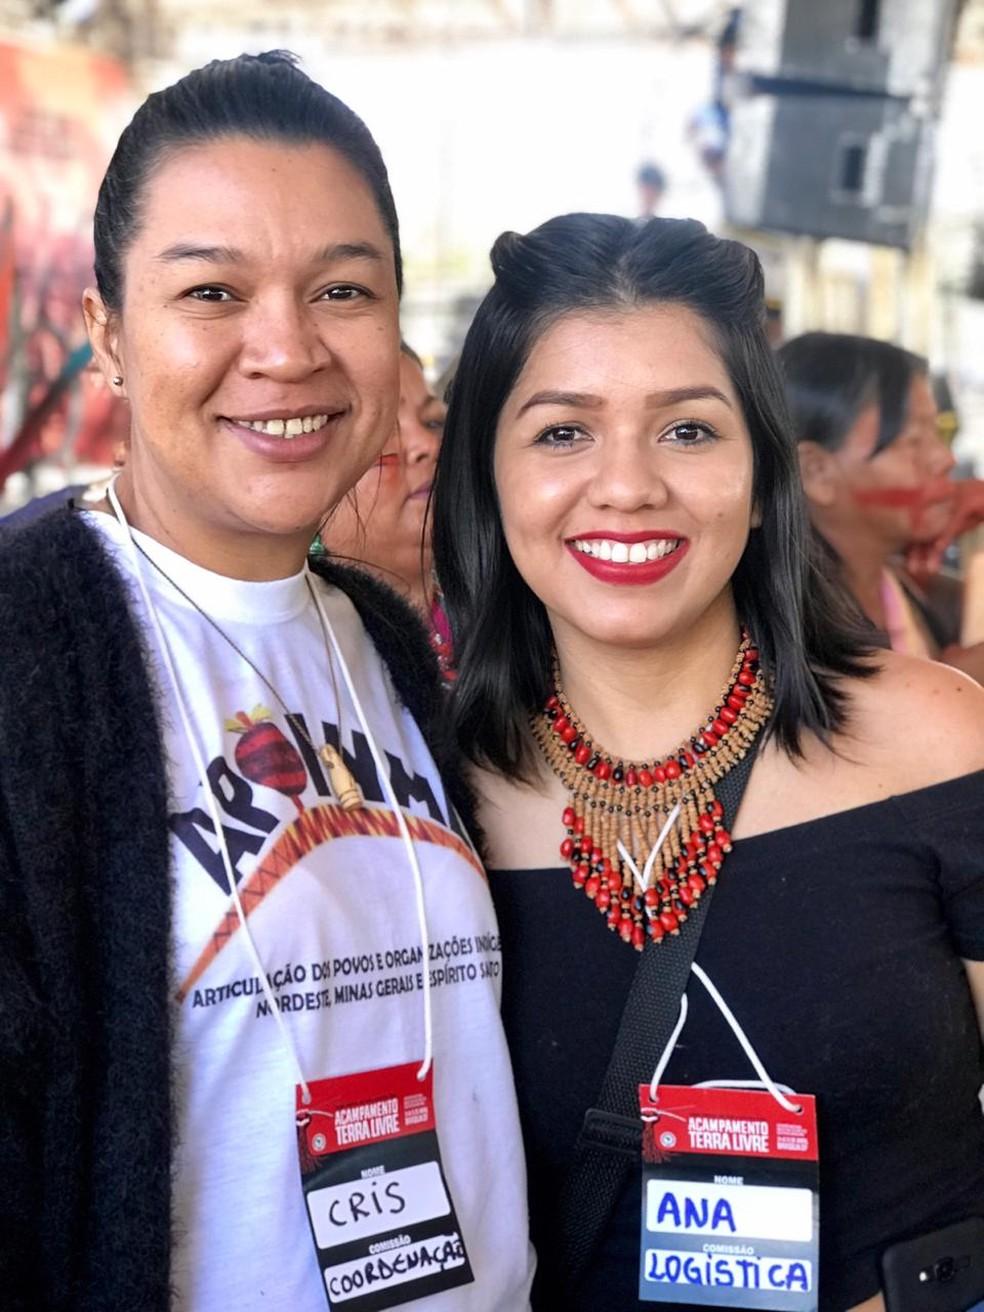 Cristiane Julião (à esquerda na foto) veio de Pernambuco para o evento — Foto: Divulgação/Apib